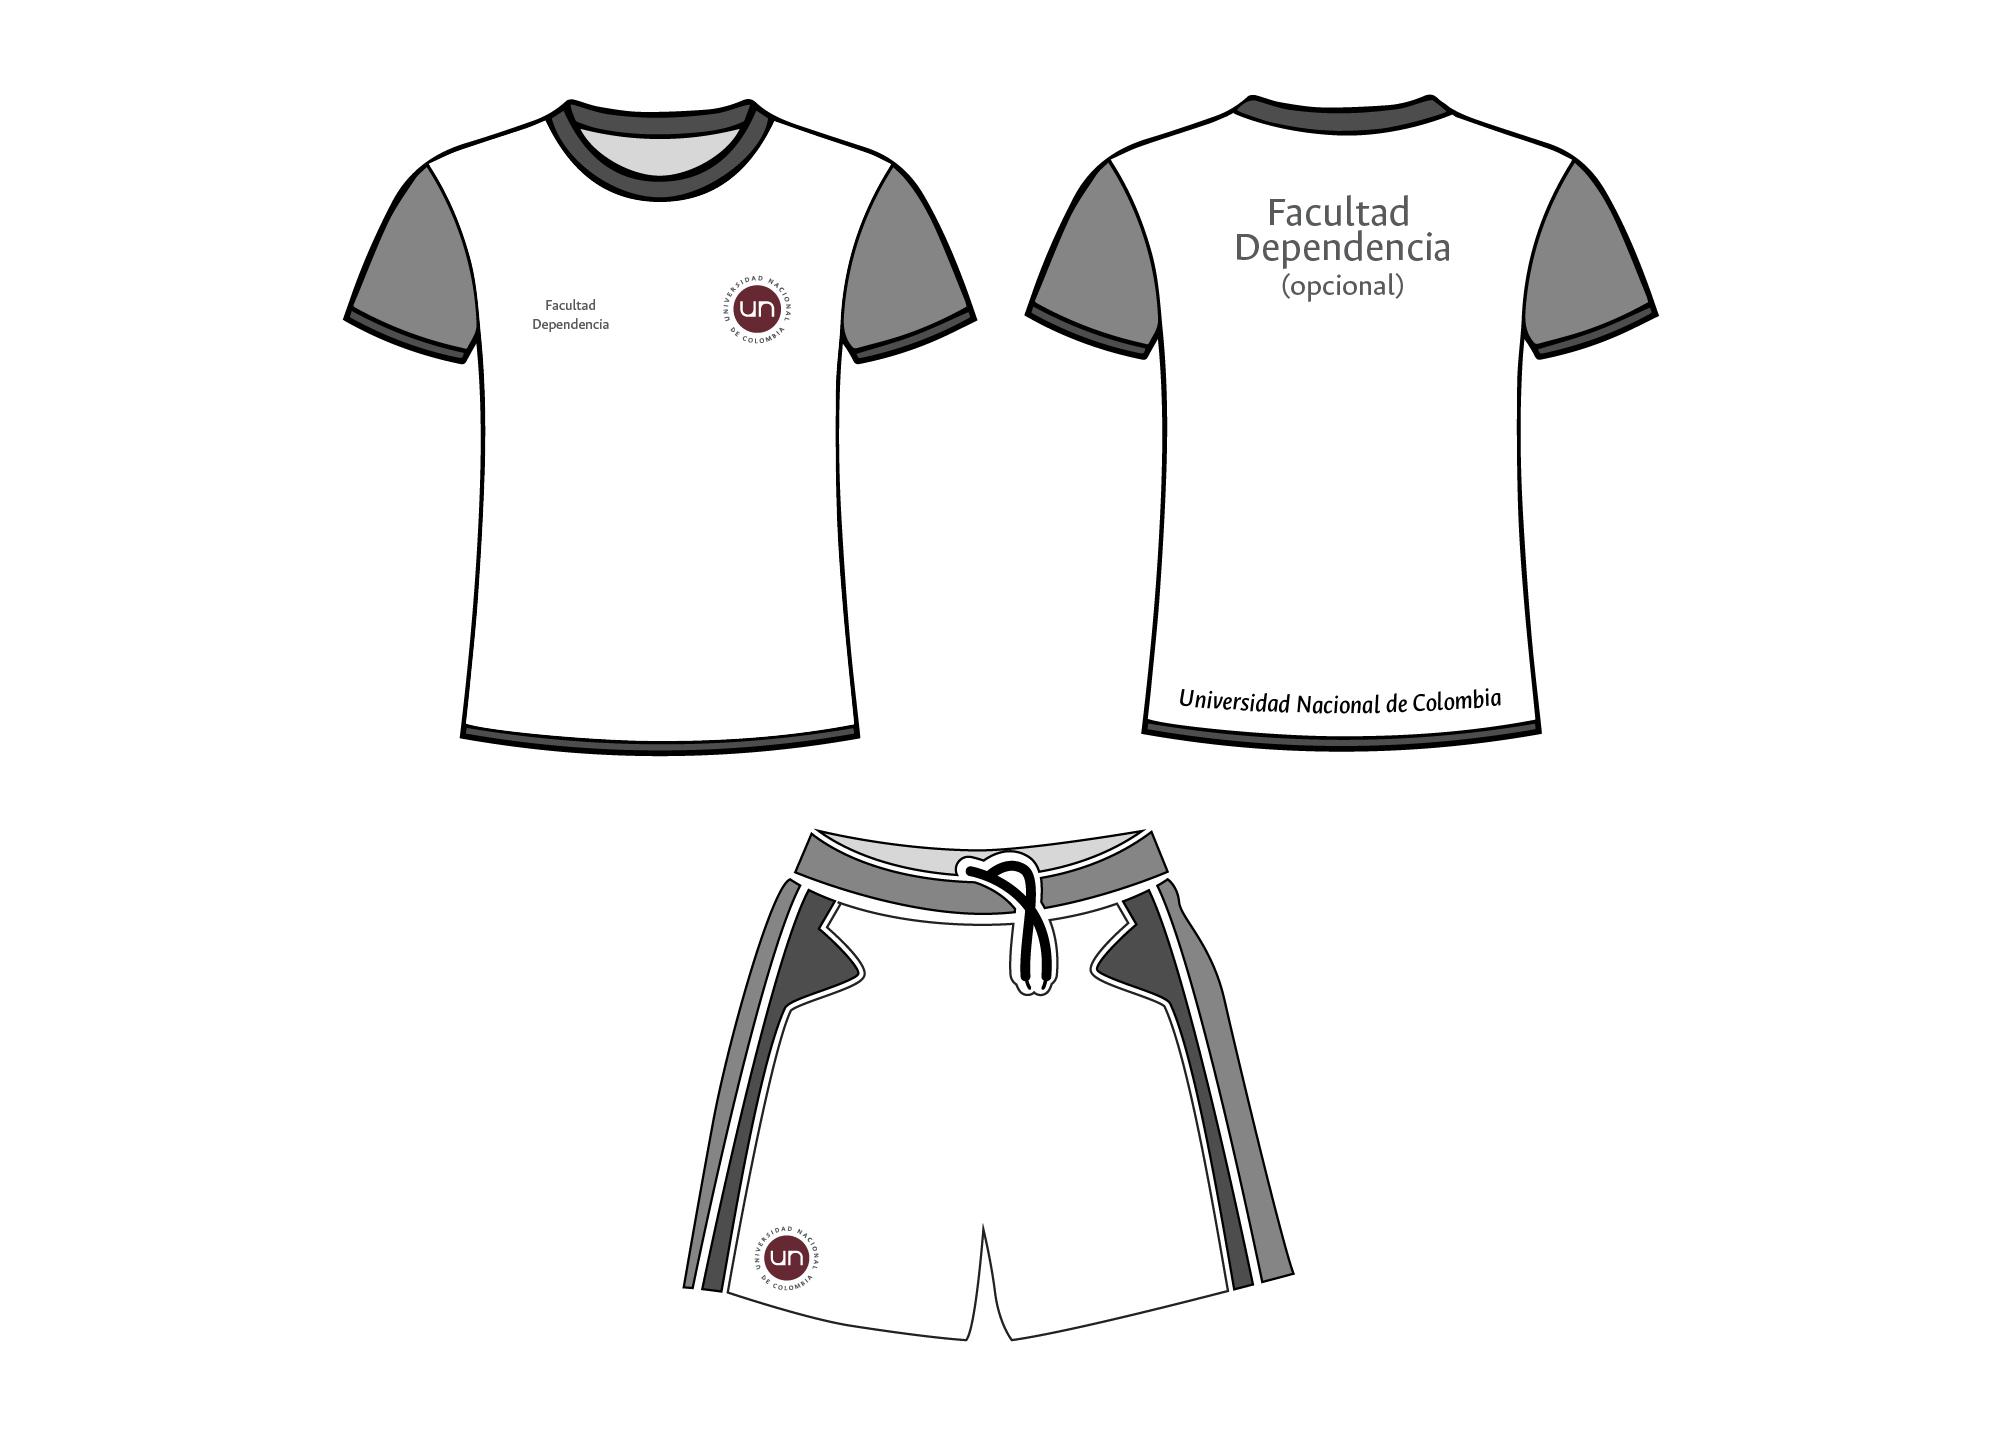 Aplicación del logotipo en indumentaria promocional y deportiva. Logotipo a 2 colores (rojo  y gris)